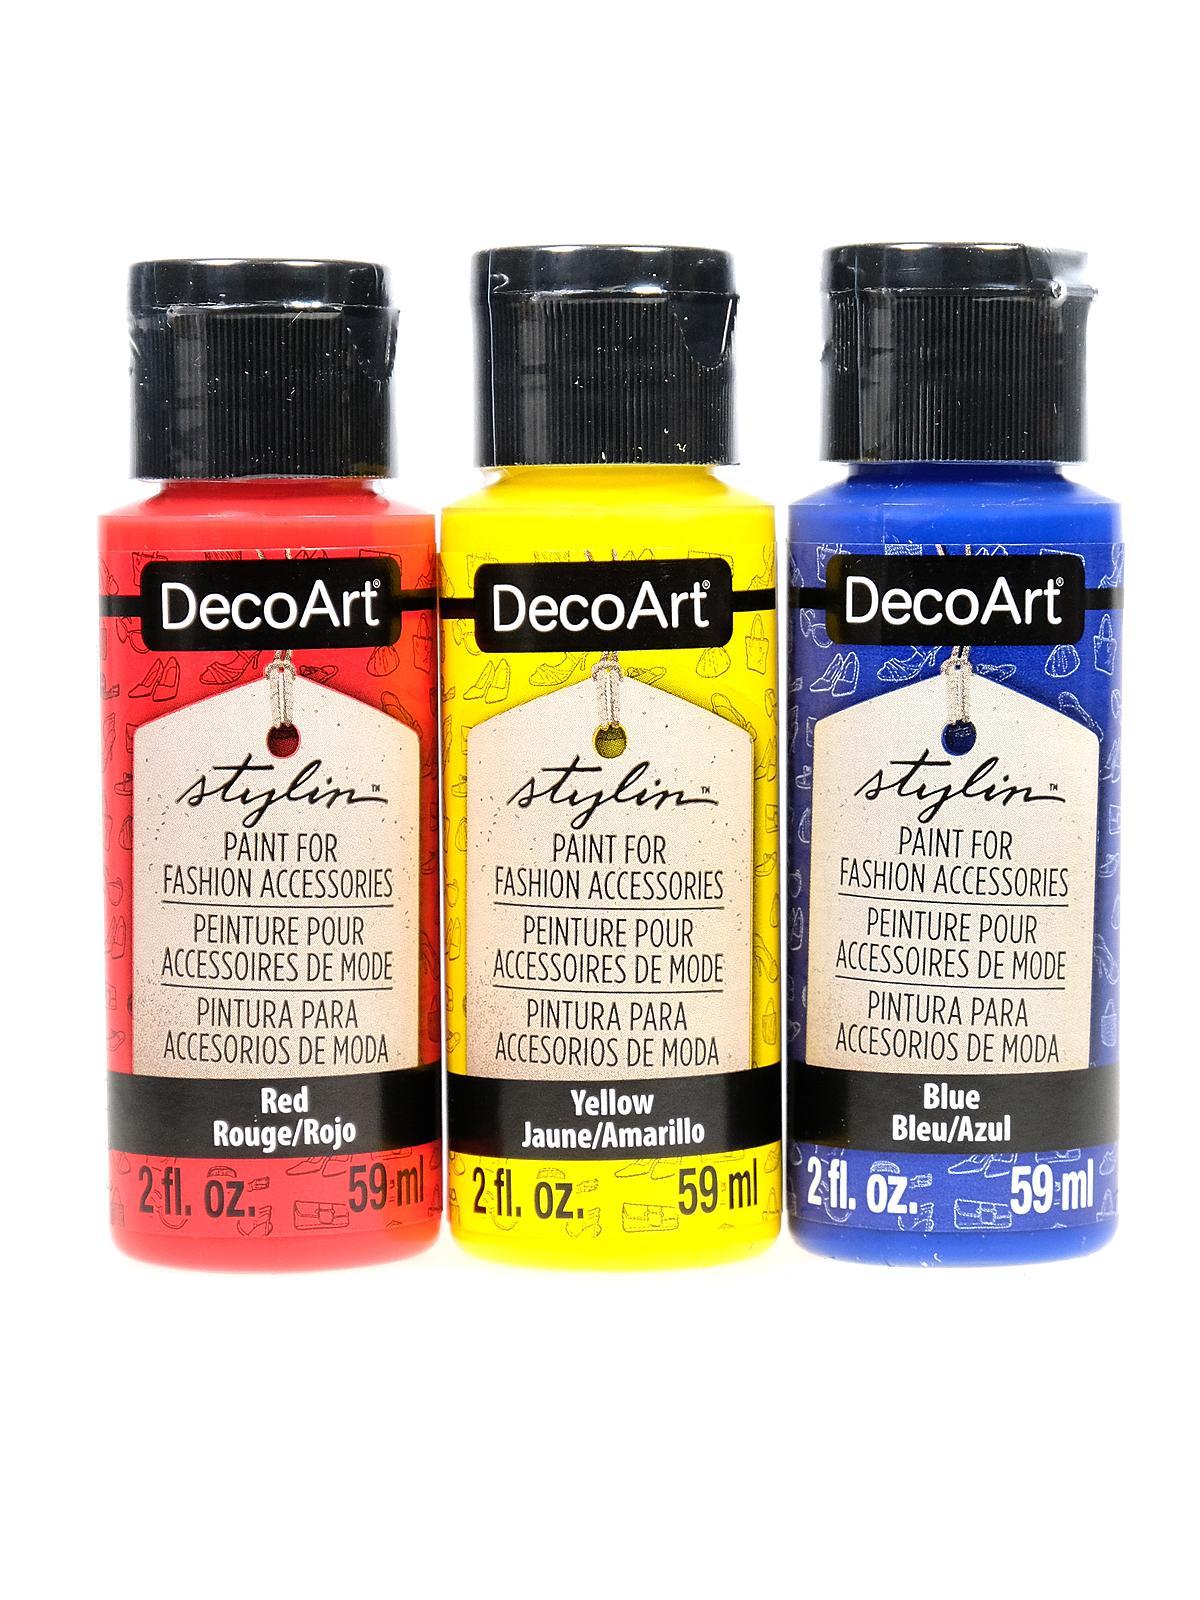 DecoArt - Stylin Paint